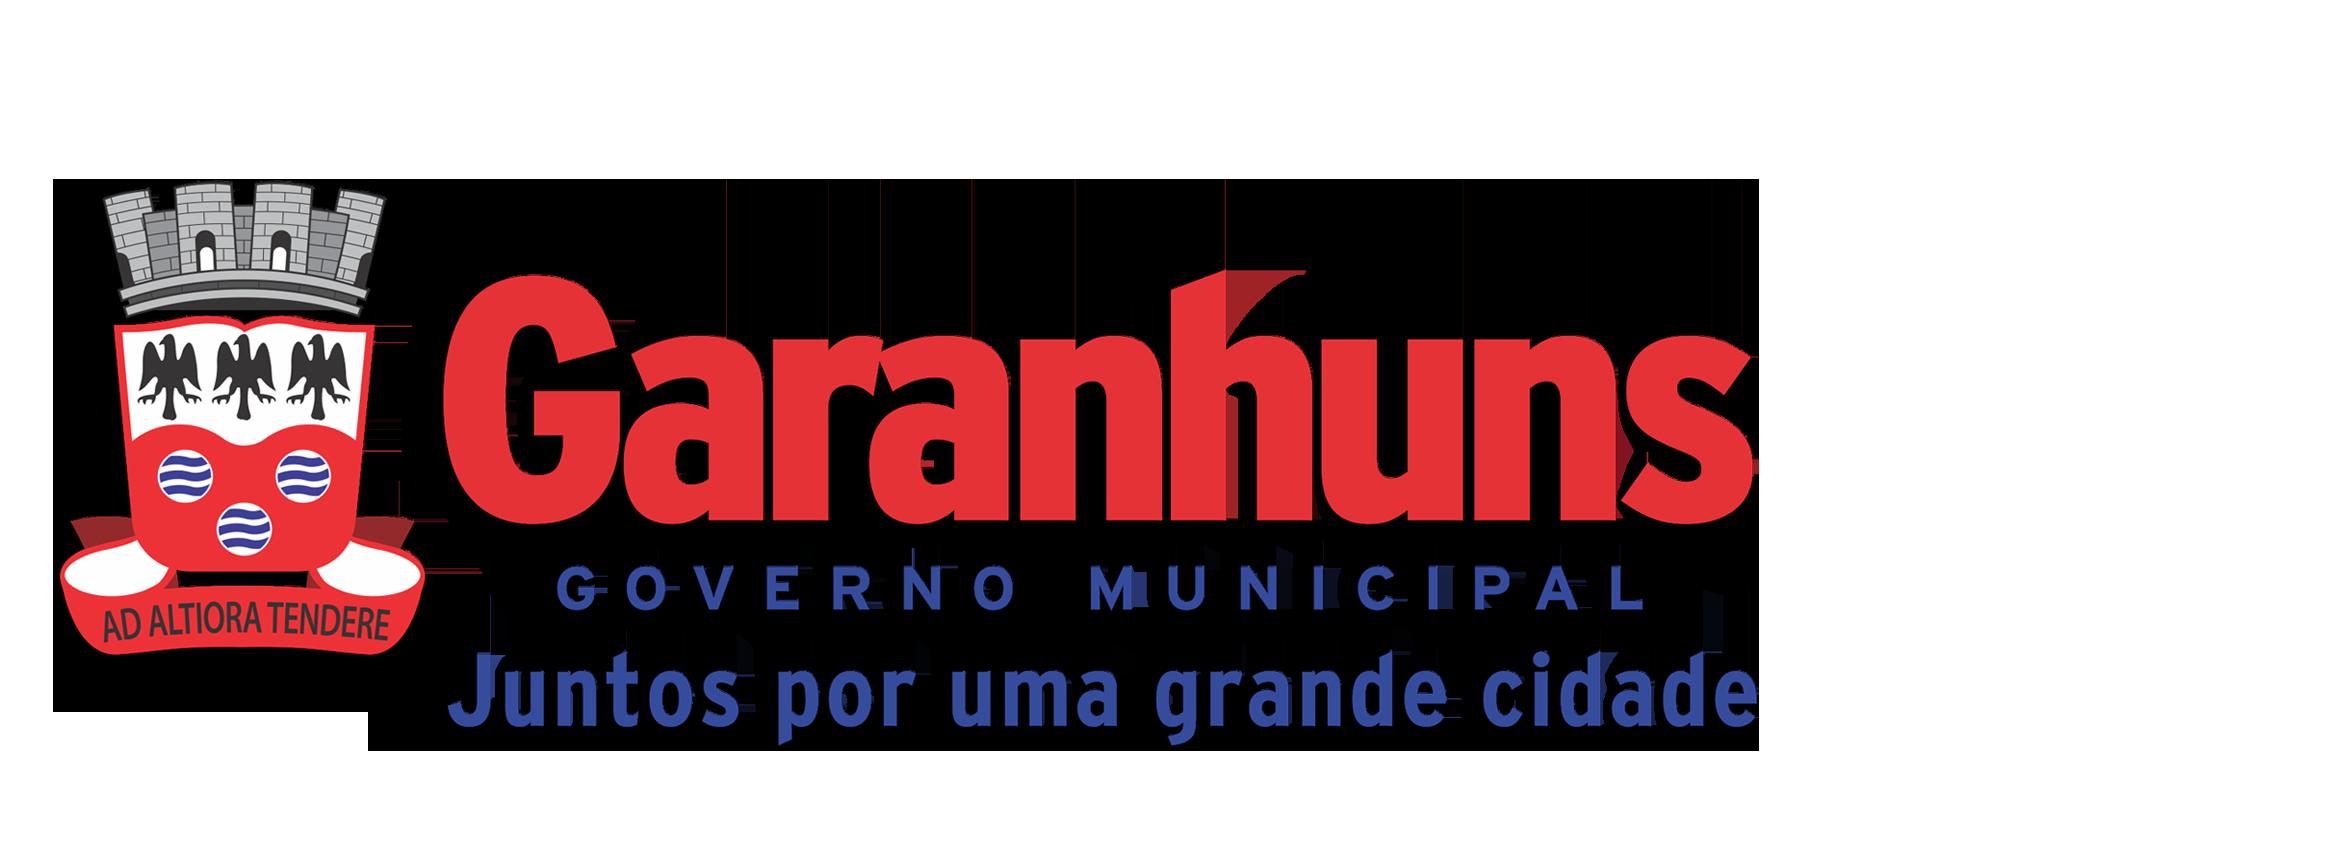 Prefeitura Municipal de Garanhuns